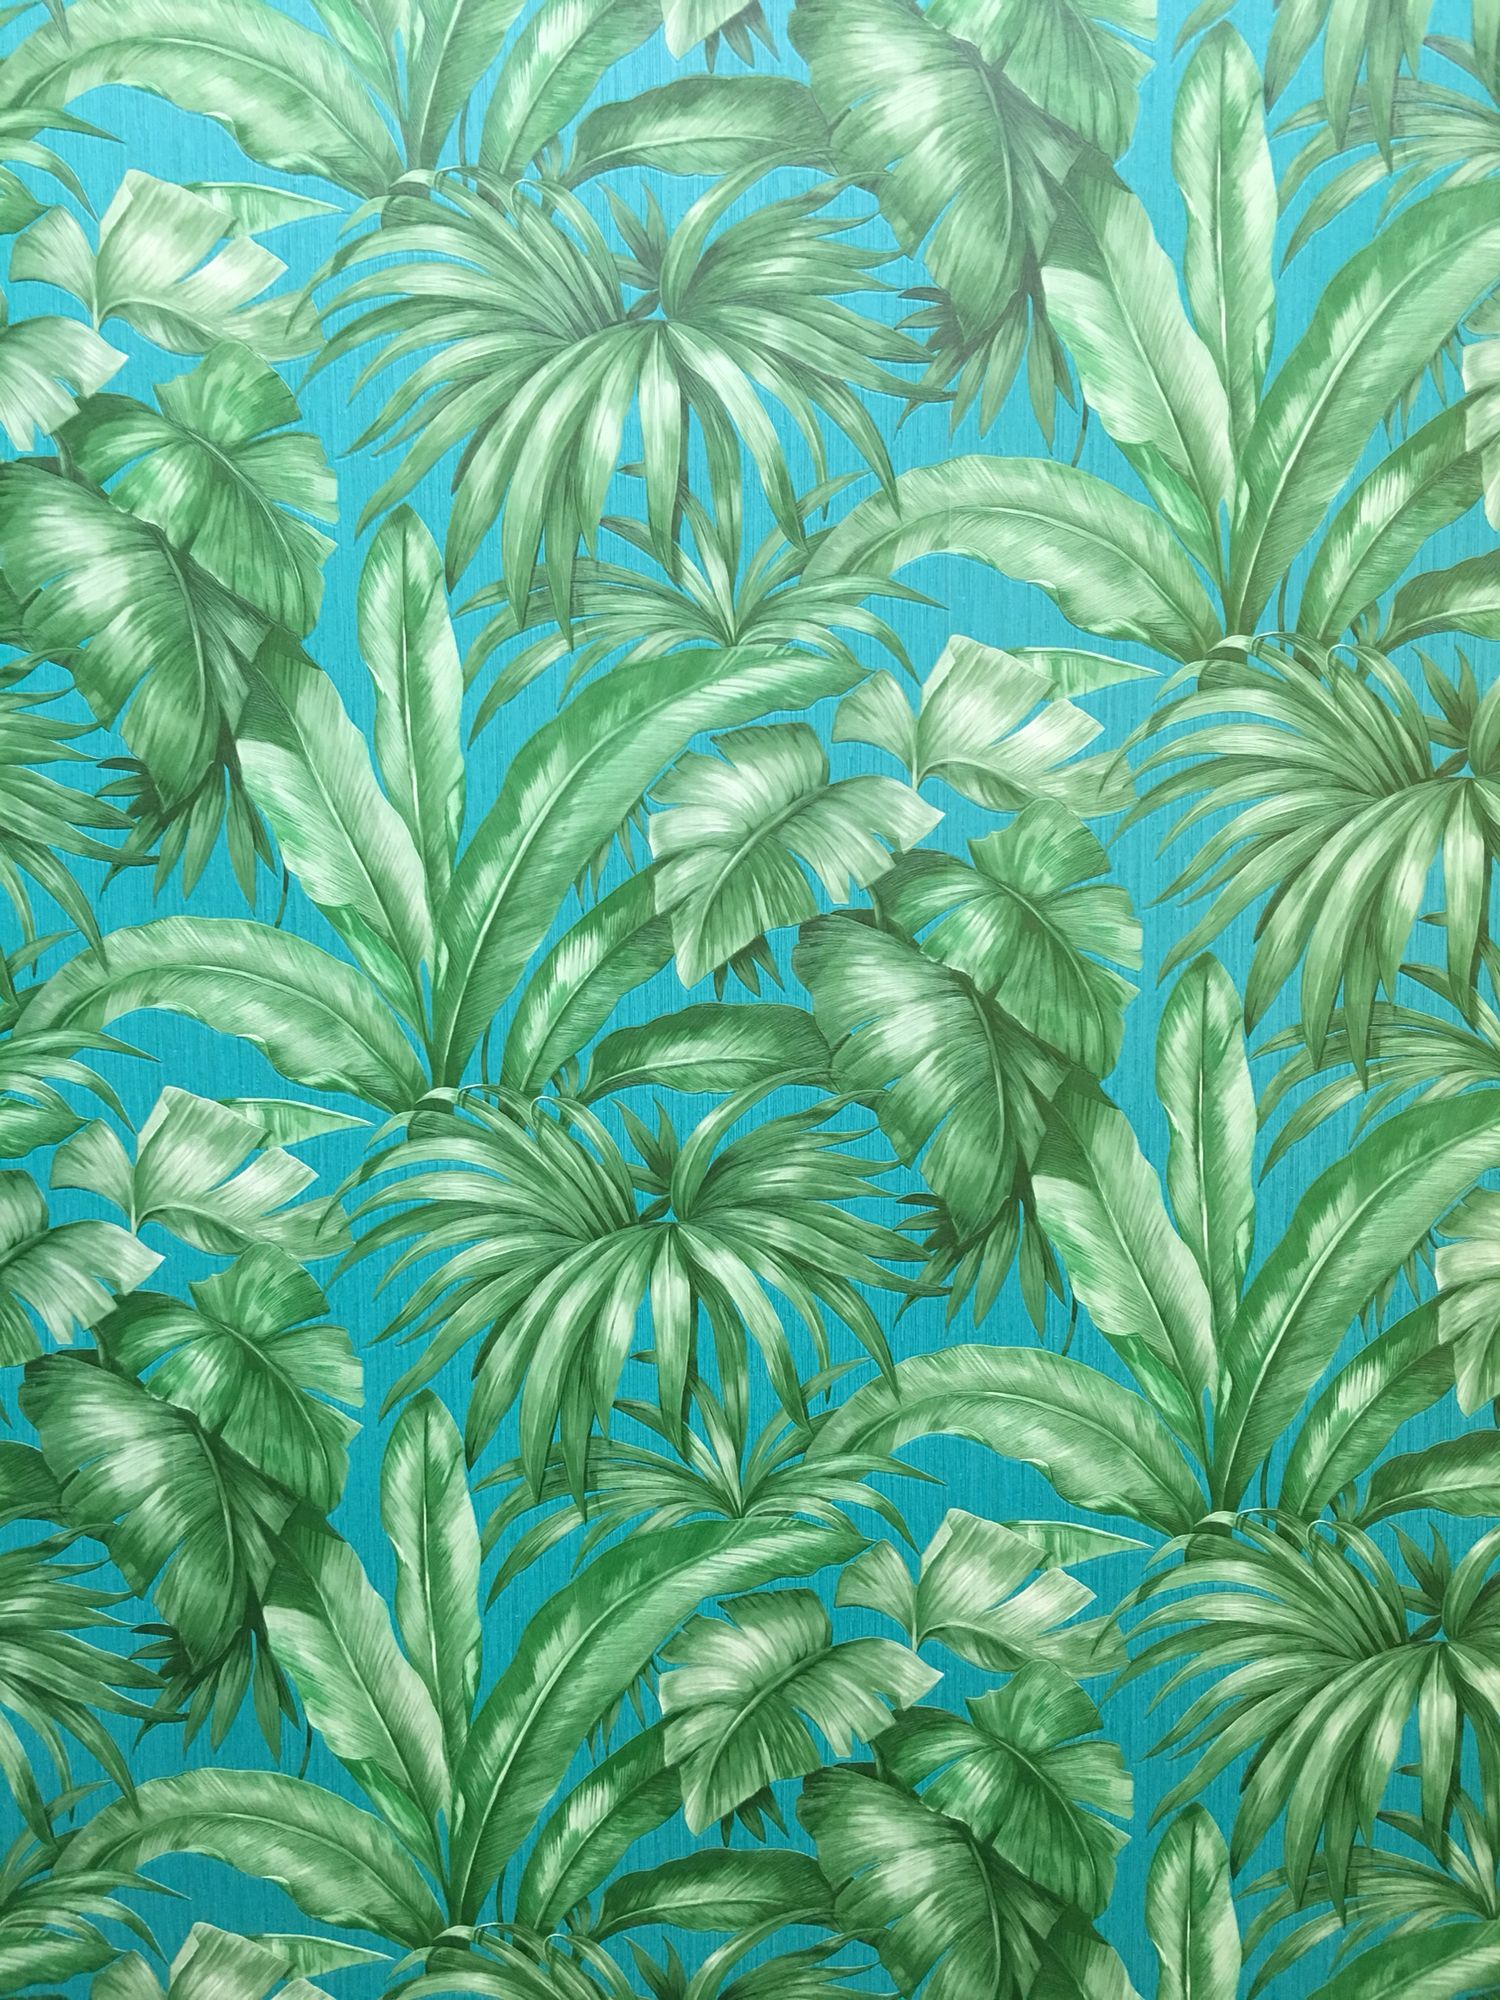 Versace Wallpaper A S Creation Palm Beach Interior Design Versace Wallpaper Palm Leaf Wallpaper